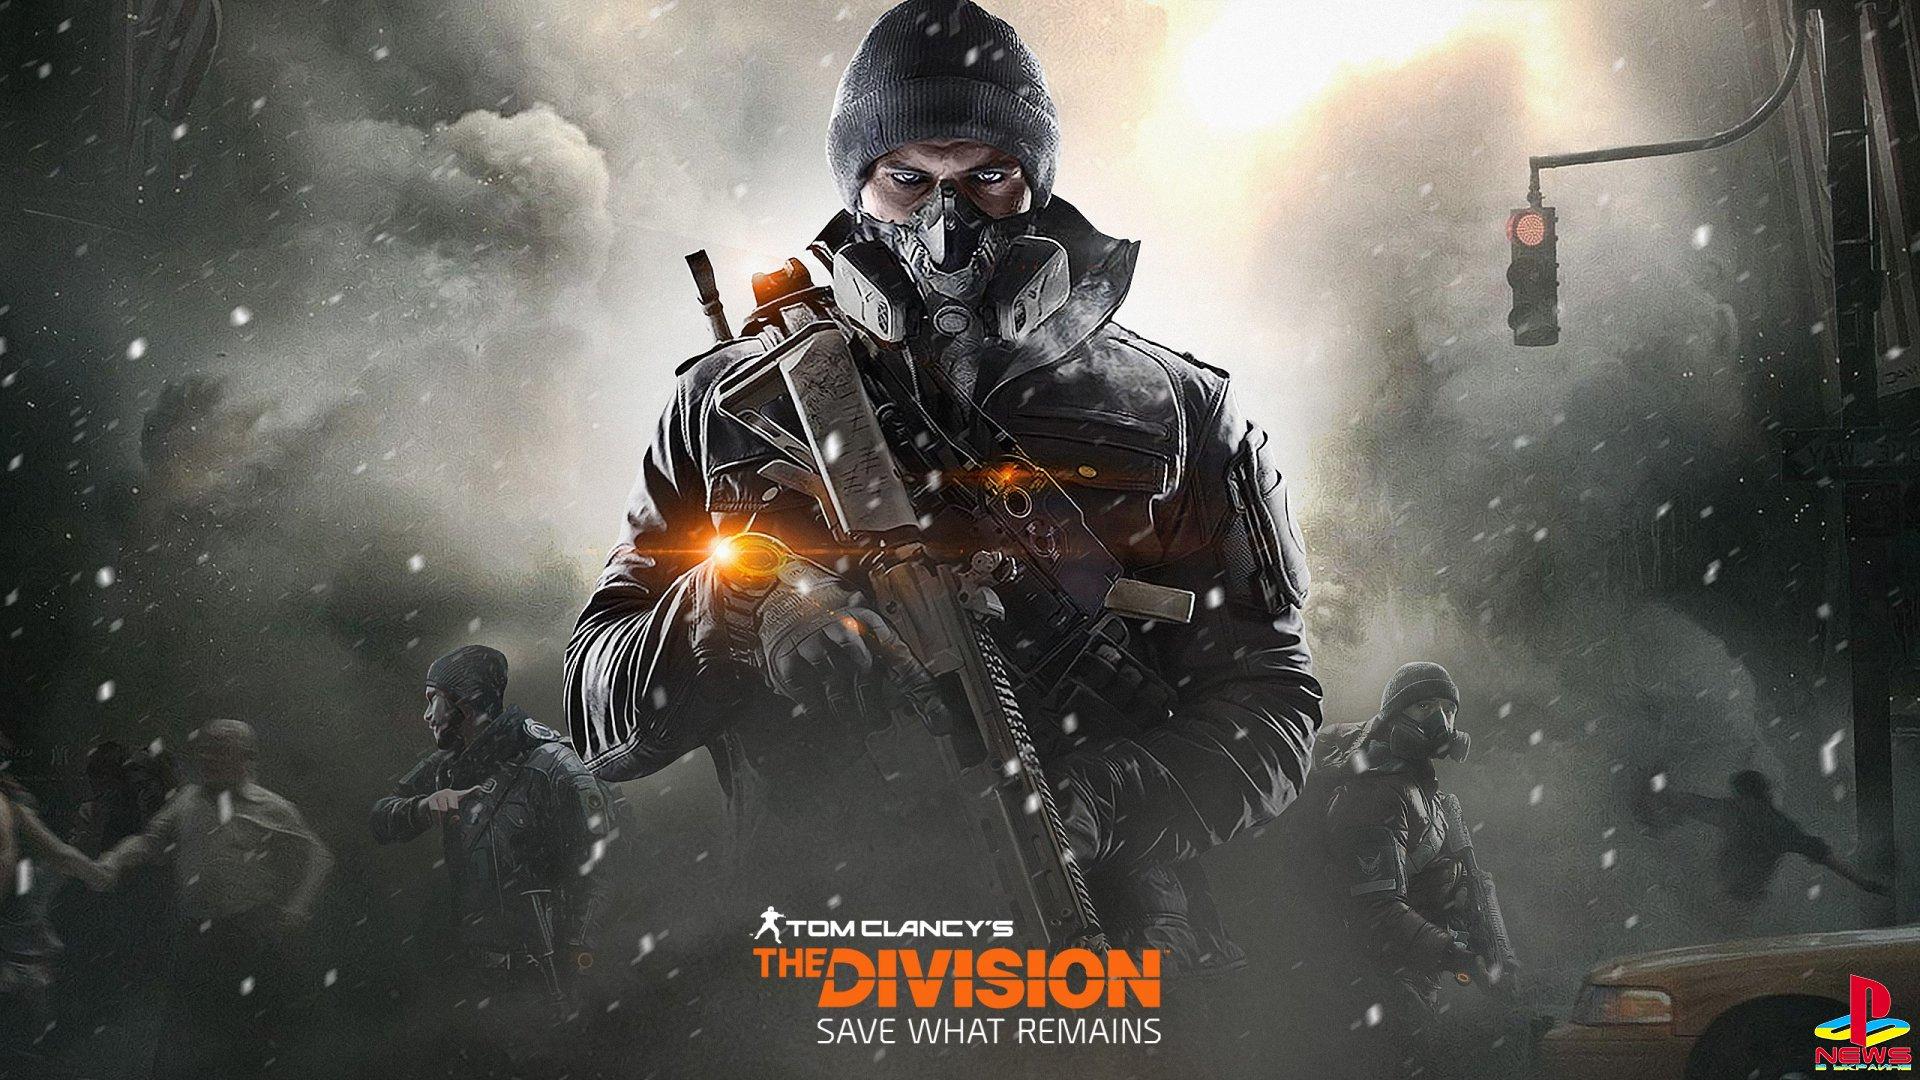 Massive планирует расширять вселенную The Division